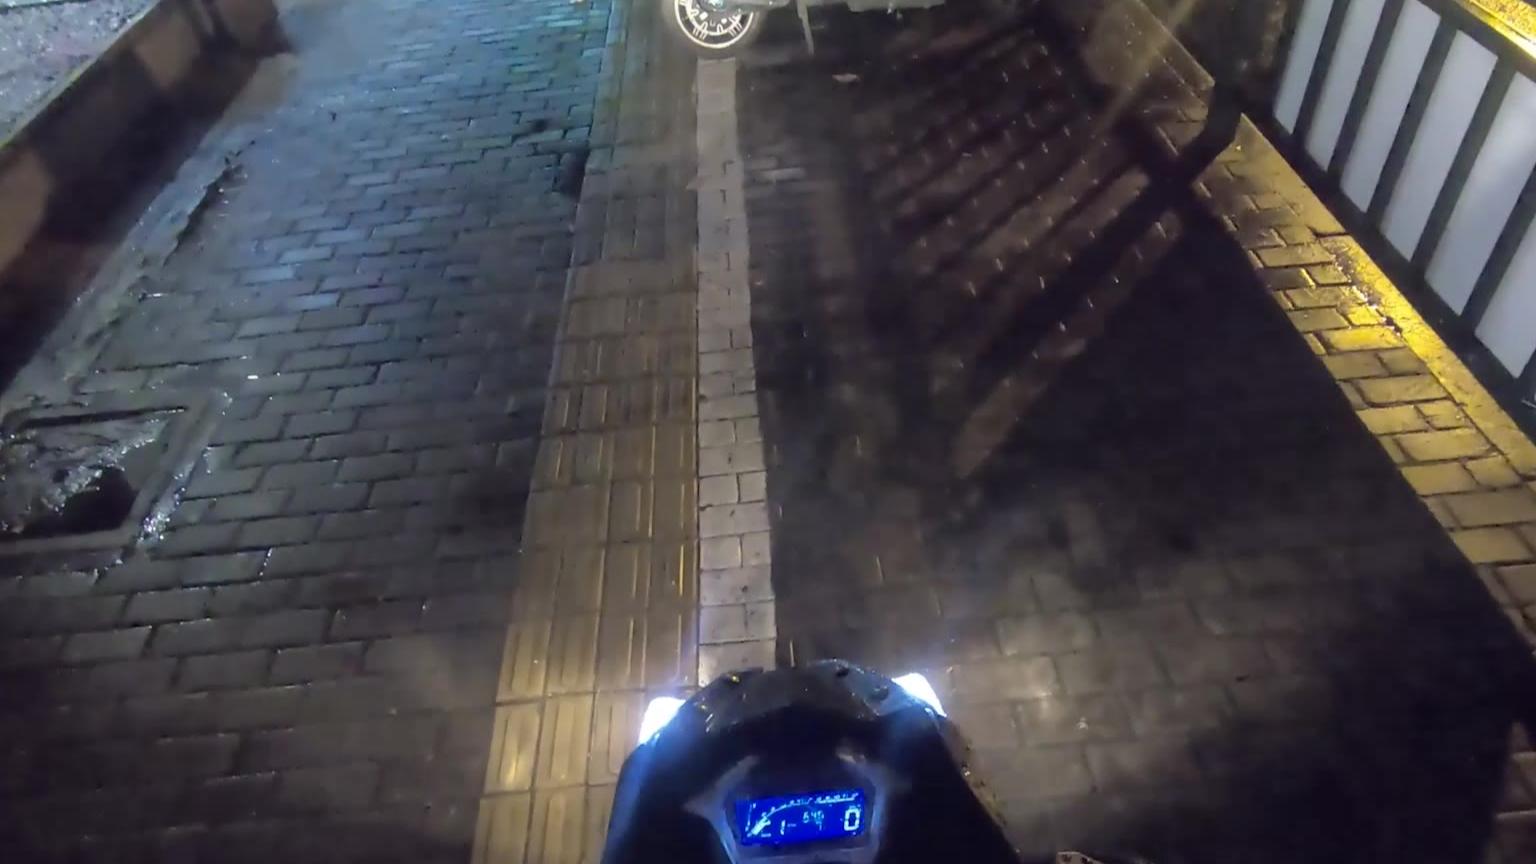 【大胃Vlog】喜提人生第一辆摩托~豪爵DF150~~价格便宜 动力还不错~~声音是真的好听~~